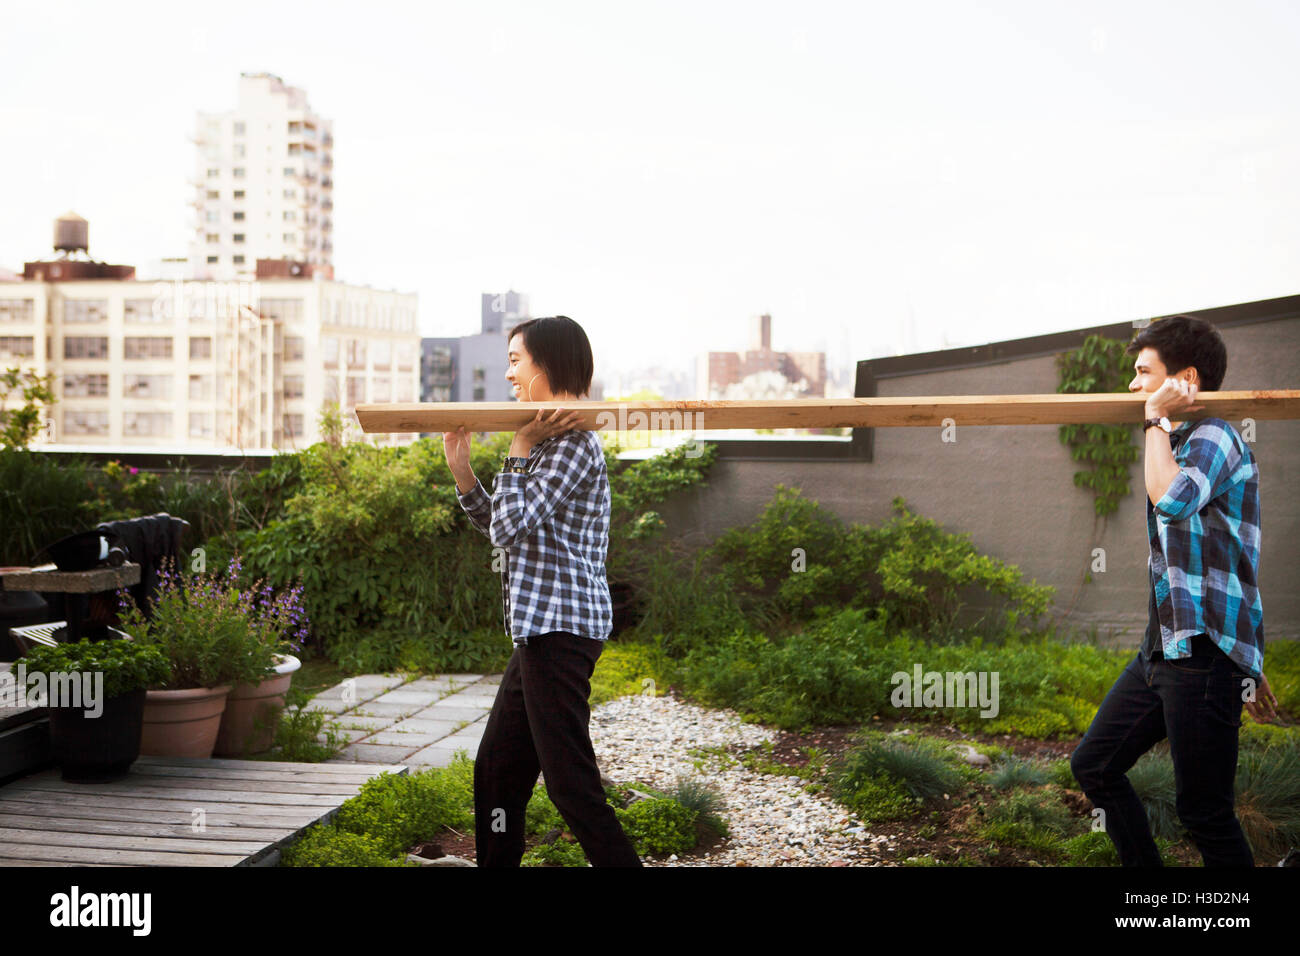 Seitenansicht des Paares tragen Holzbrett während des Gehens auf Terrasse Stockfoto